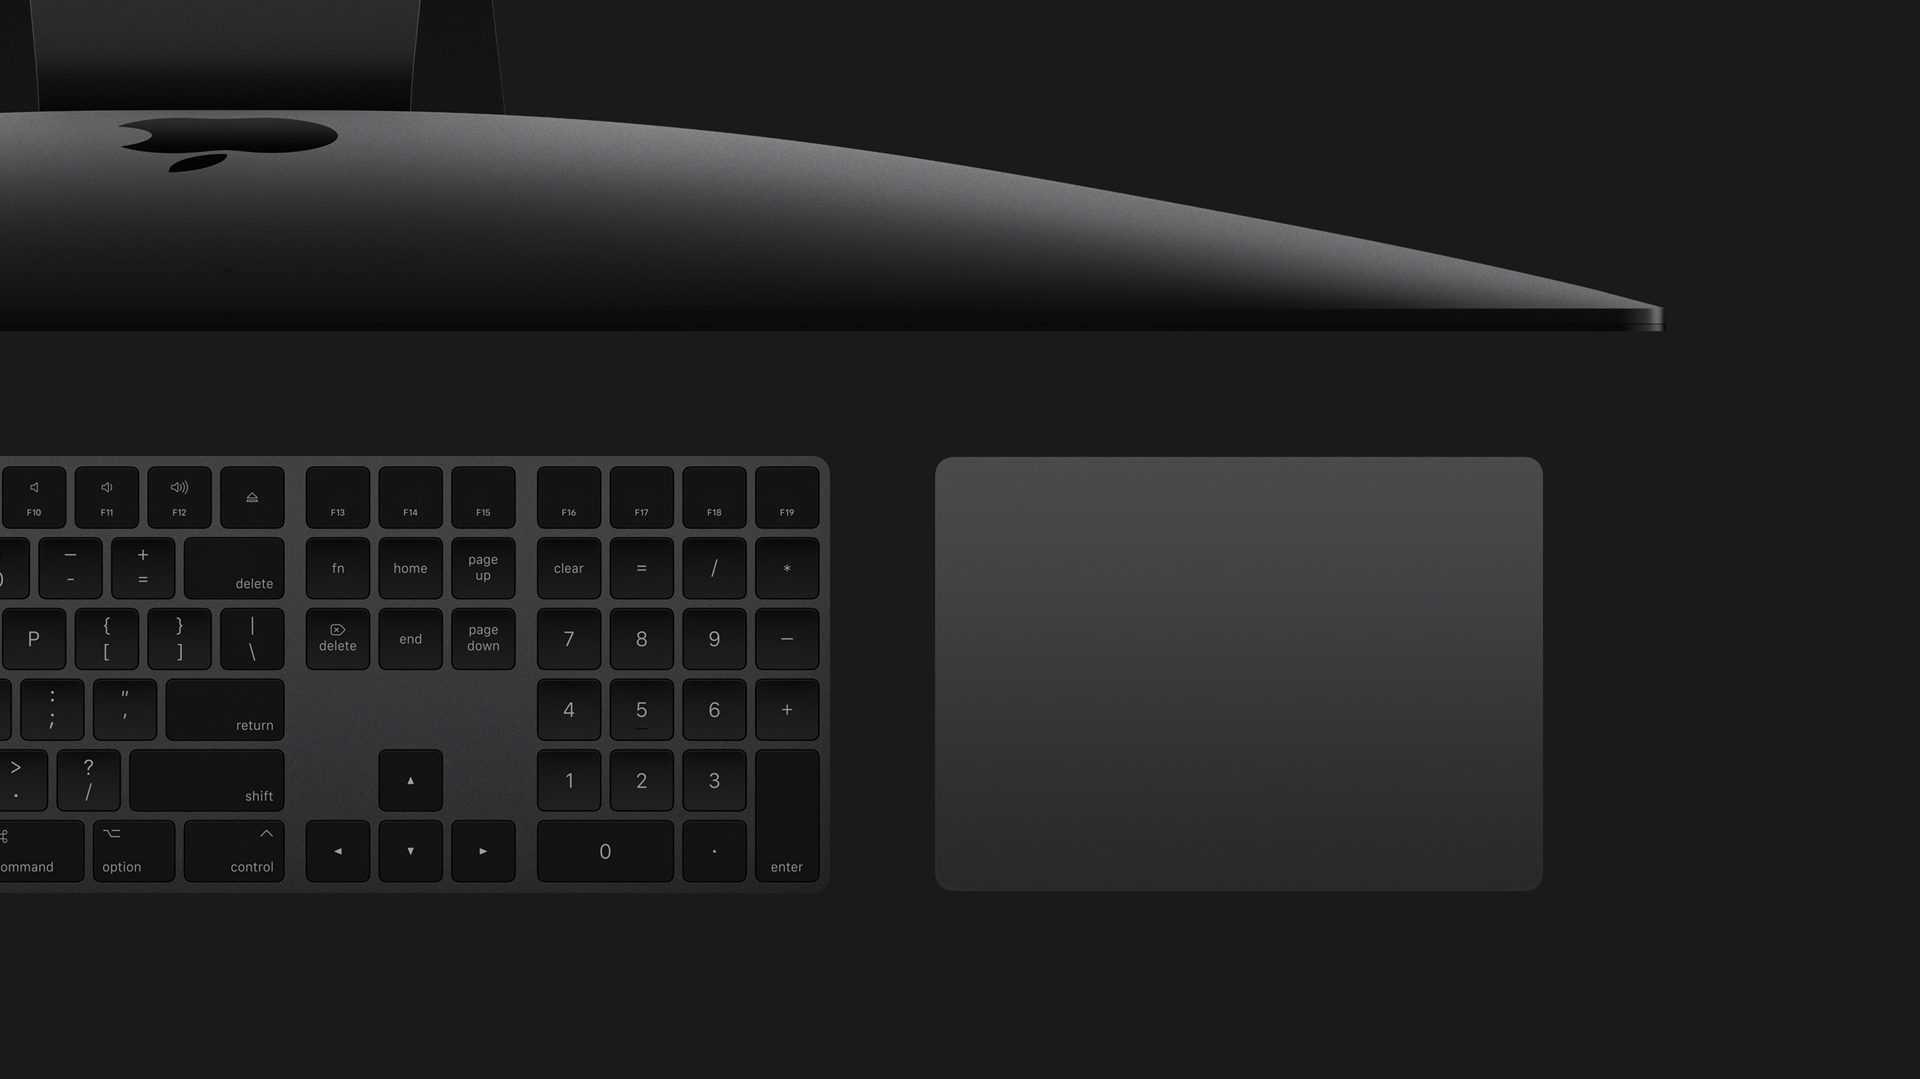 iMac Pro: Magic Trackpad in Sonderfarbe lässt sich nachkaufen – mit einem Trick